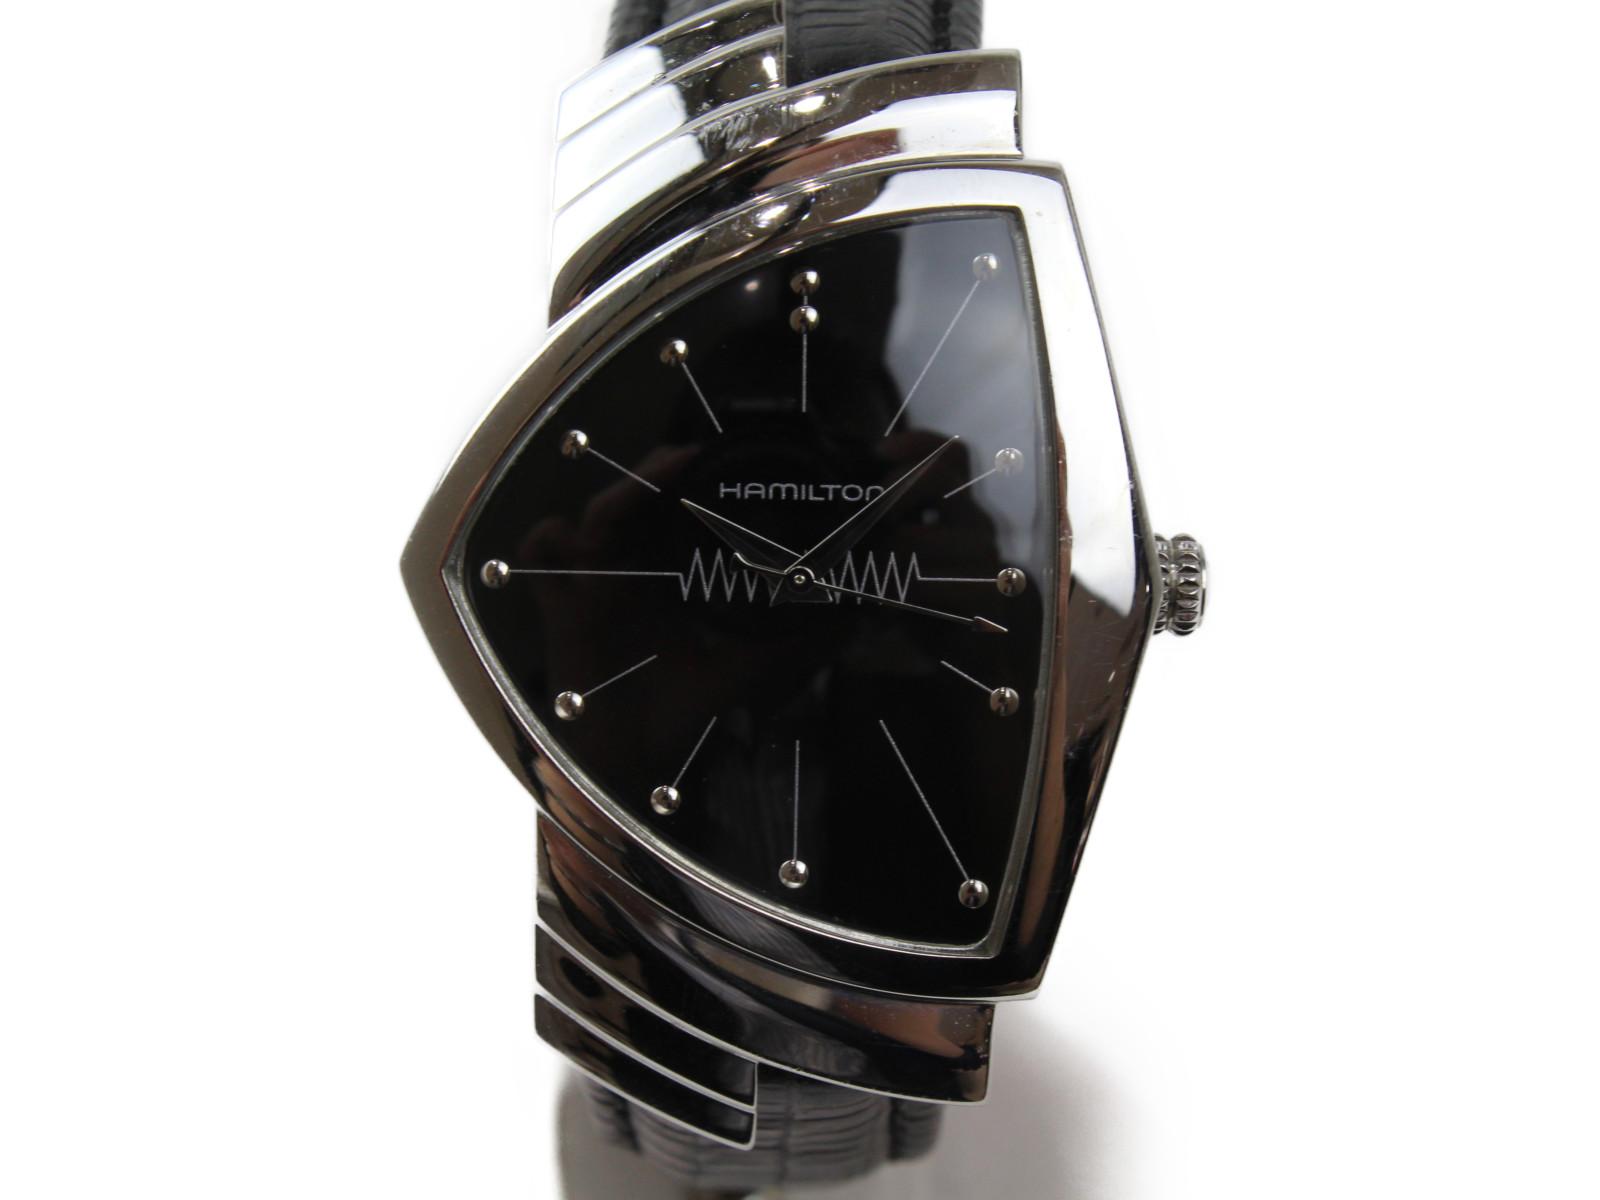 HAMILTON ハミルトン ベンチュラ H244110 クオーツ SS ステンレススチール 革ベルト 三角 黒 メンズ レディース ボーイズ 腕時計【中古】